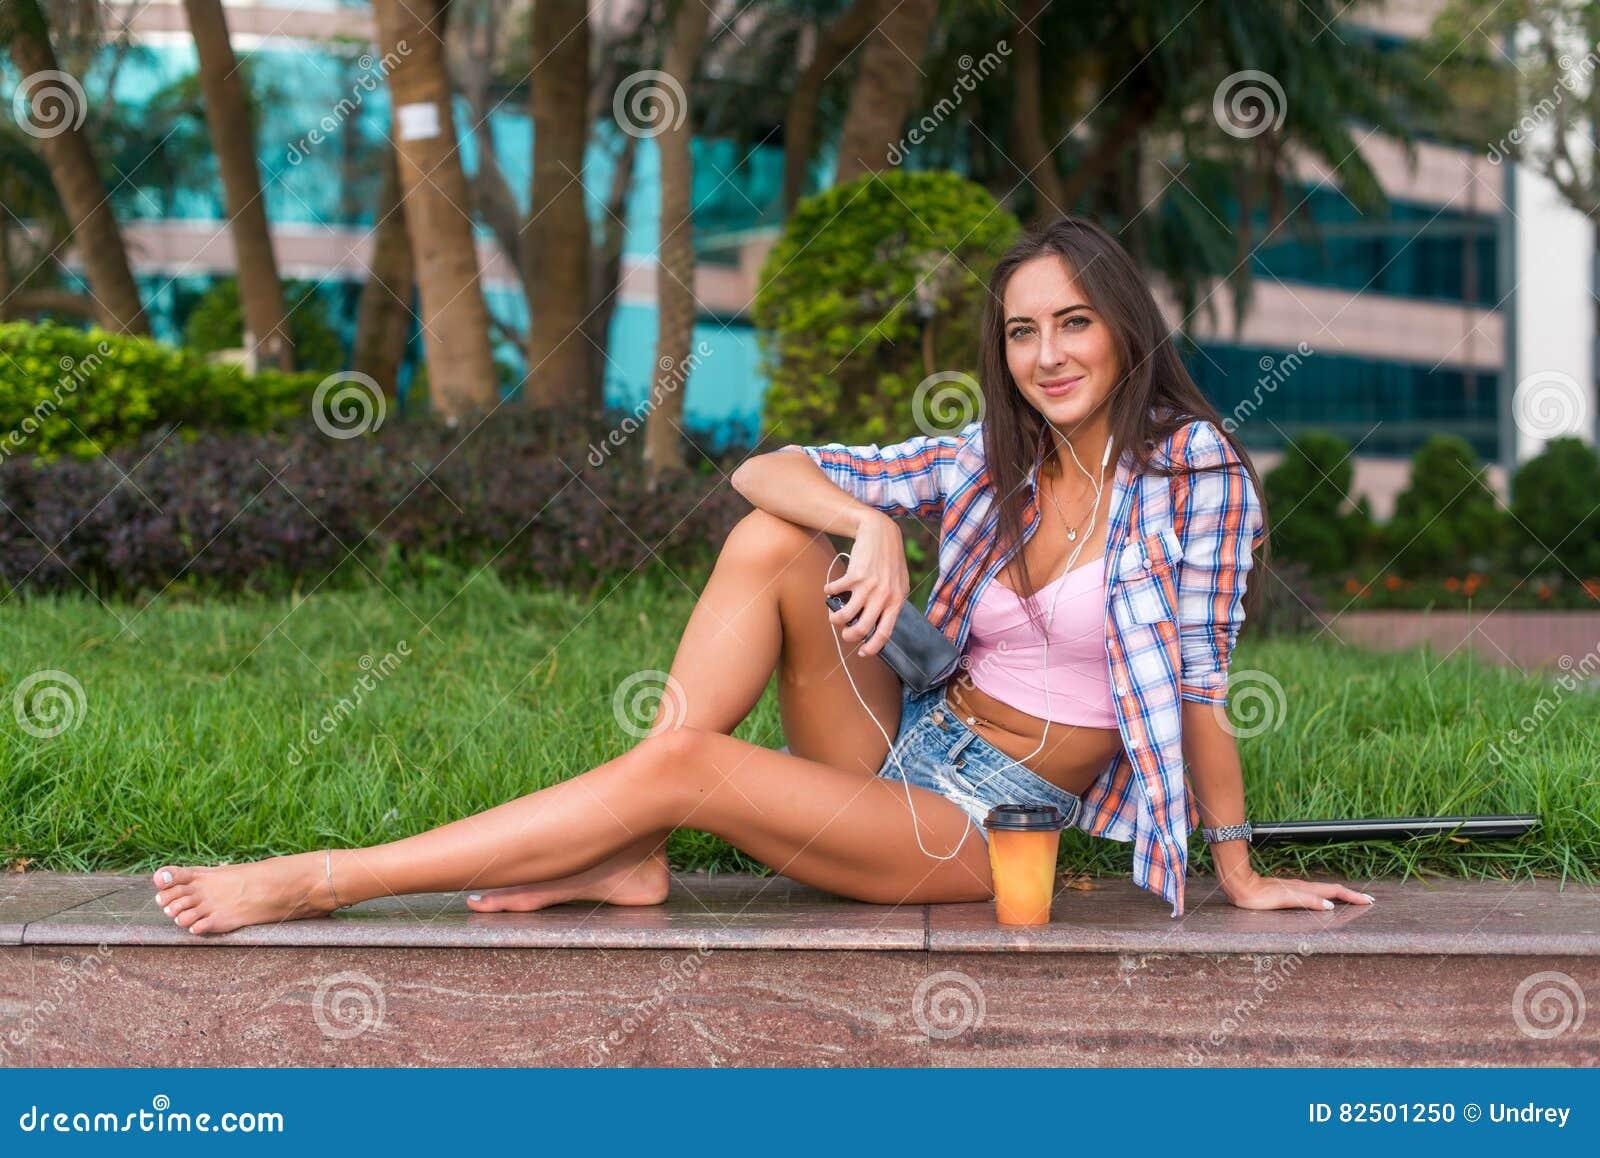 belle jeune femme heureuse avec les jambes nues se reposant sur la restriction en pierre en parc. Black Bedroom Furniture Sets. Home Design Ideas